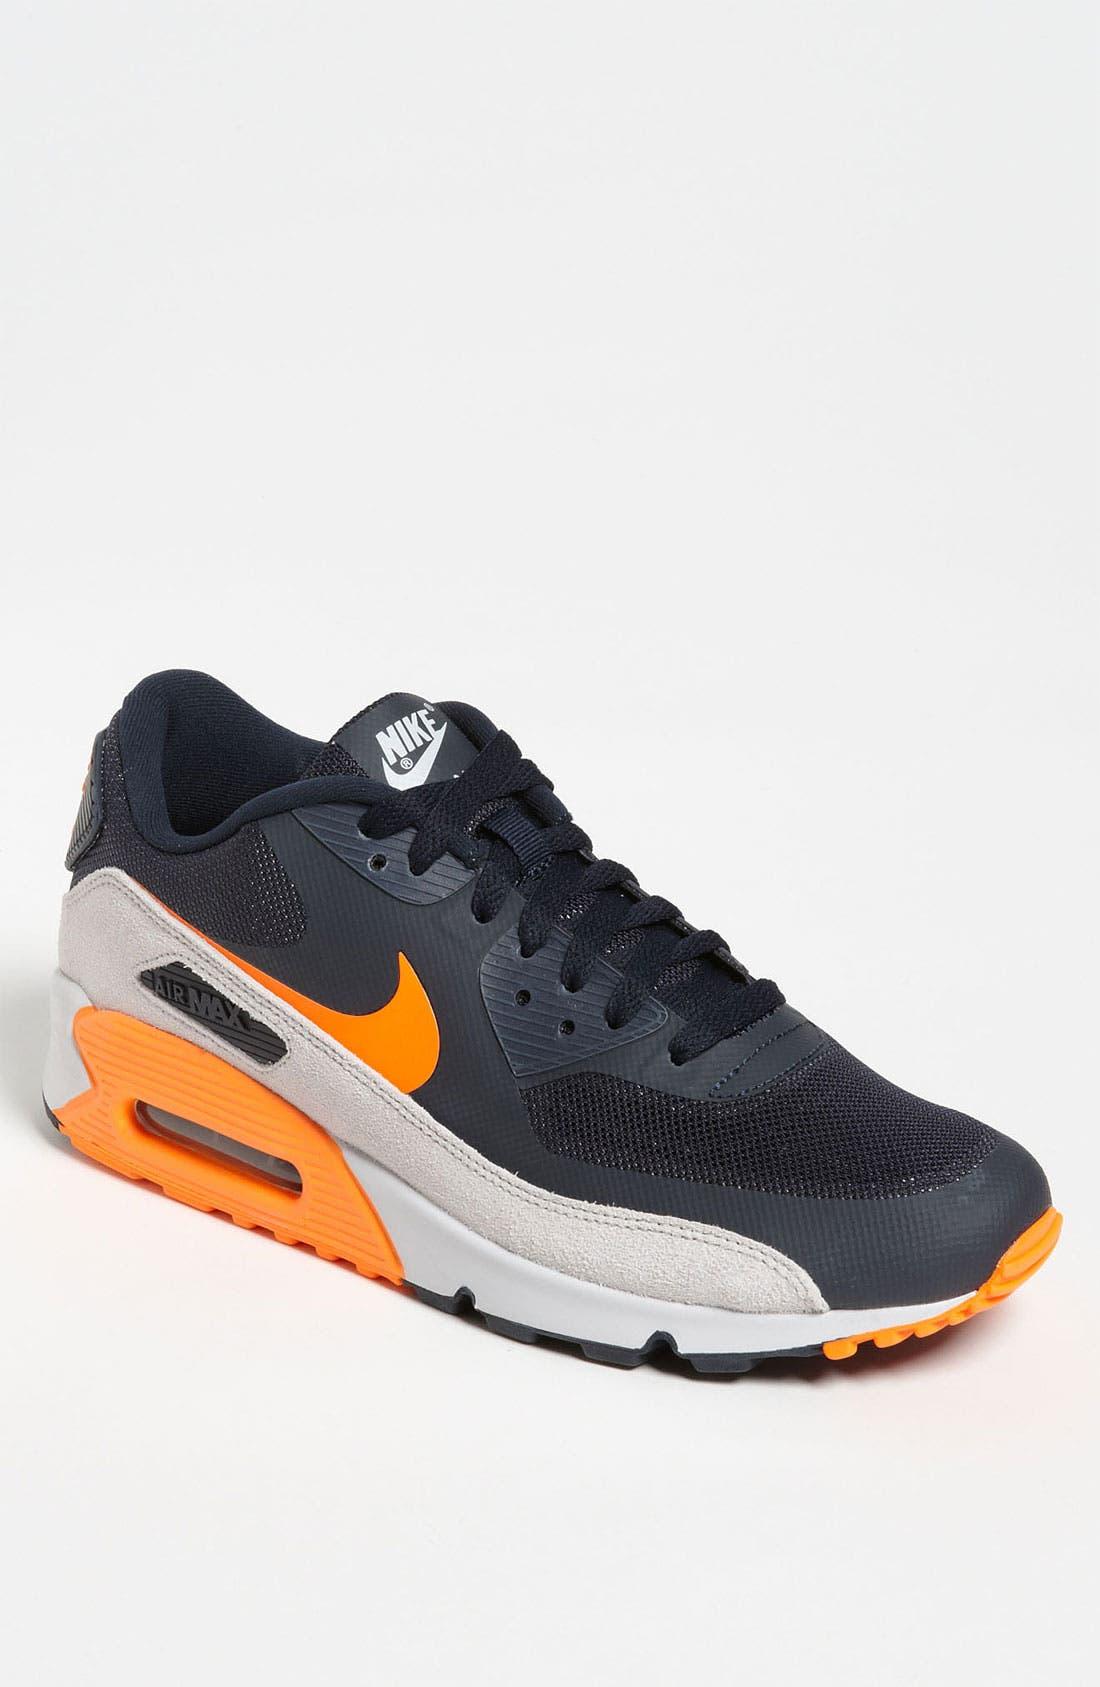 Alternate Image 1 Selected - Nike 'Air Max 90 Premium' Sneaker (Men)